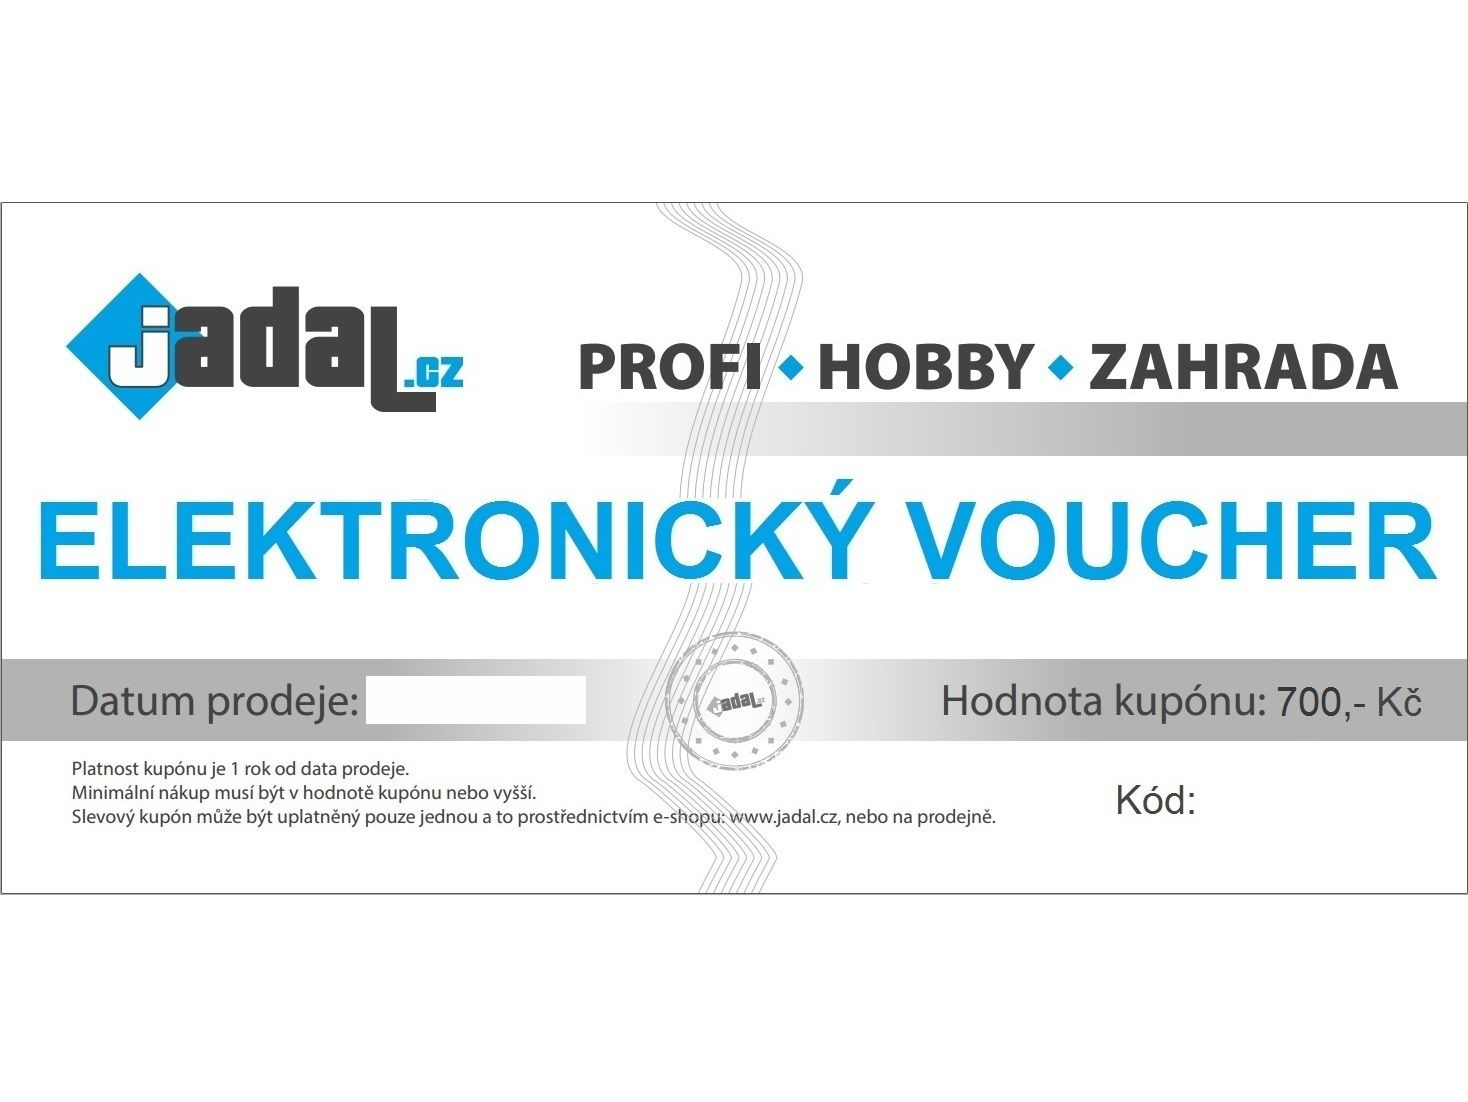 Elektronický voucher - poukaz v hodnotě 700,-Kč